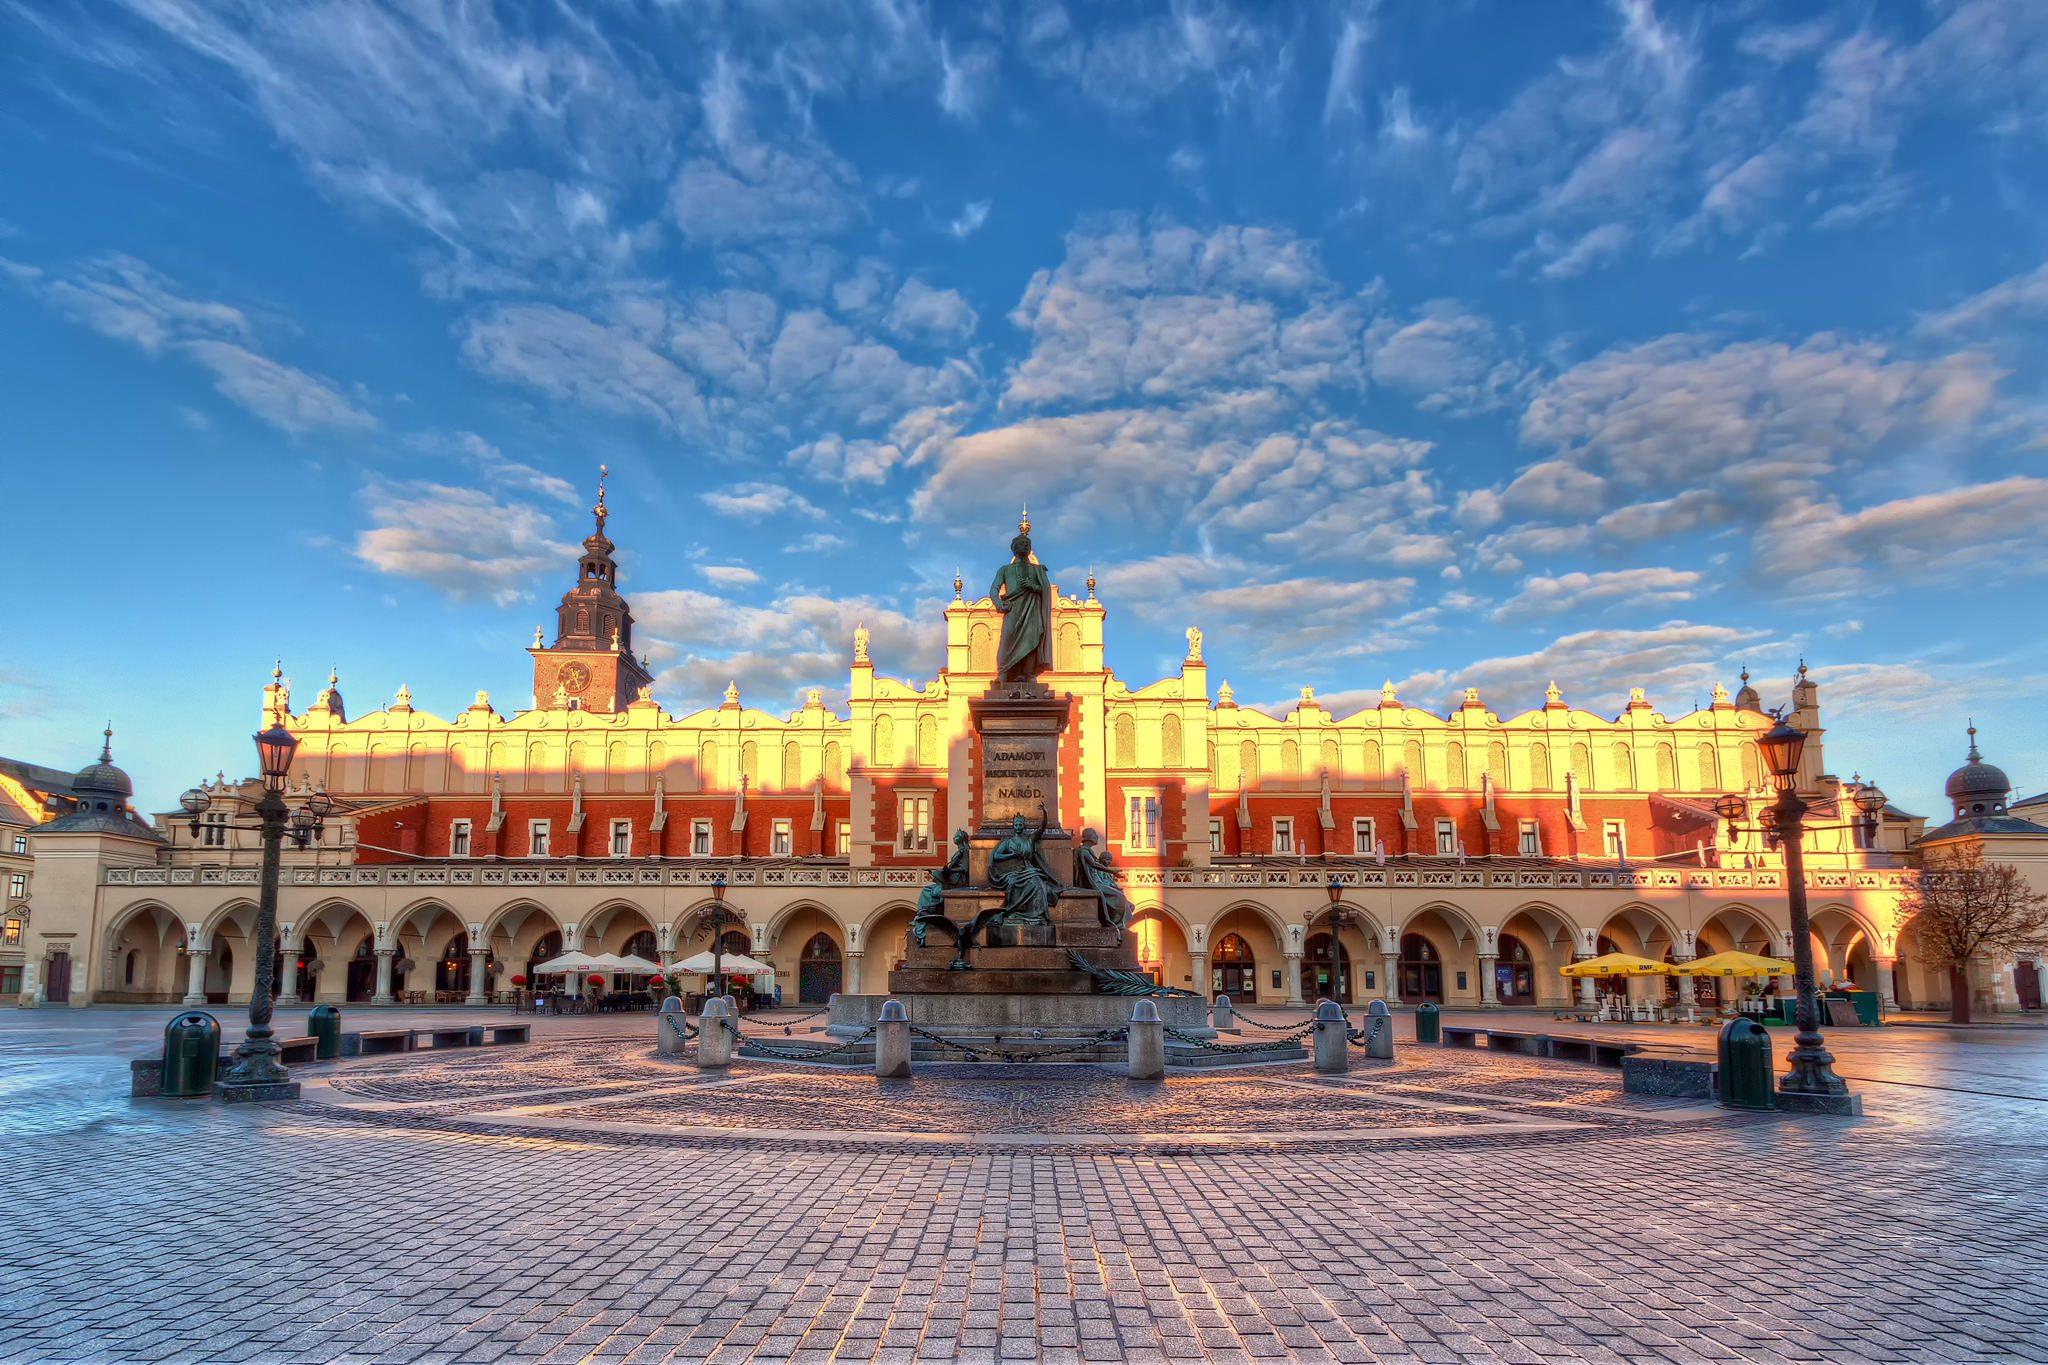 Kraków Main Square (Rynek Główny). HDR Photo of Sukiennice and the Adam Mickiewicz Monument